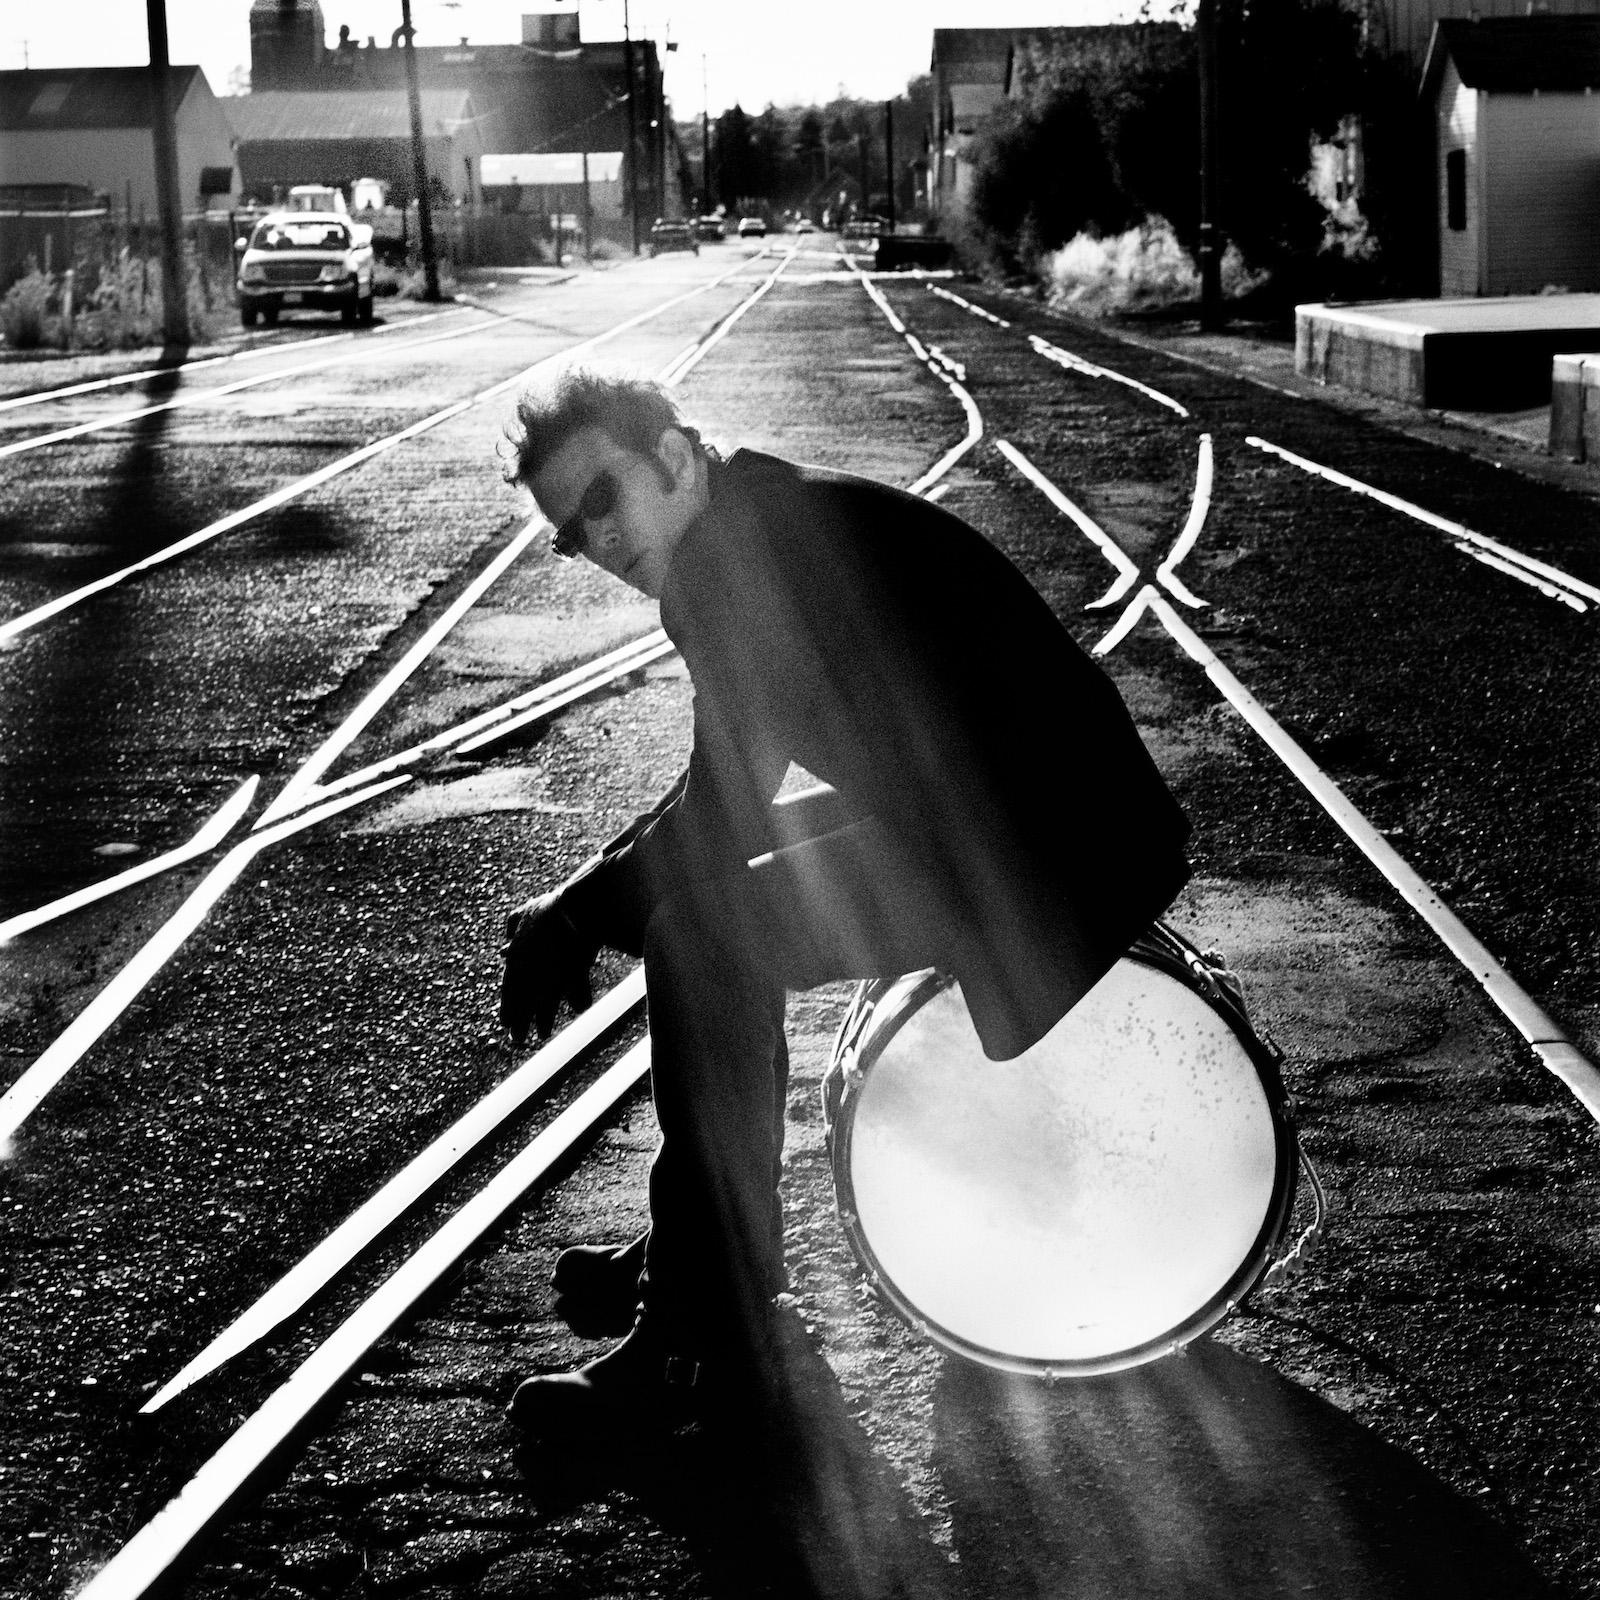 Tom Waits, Santa Rosa 2004 © Anton Corbijn